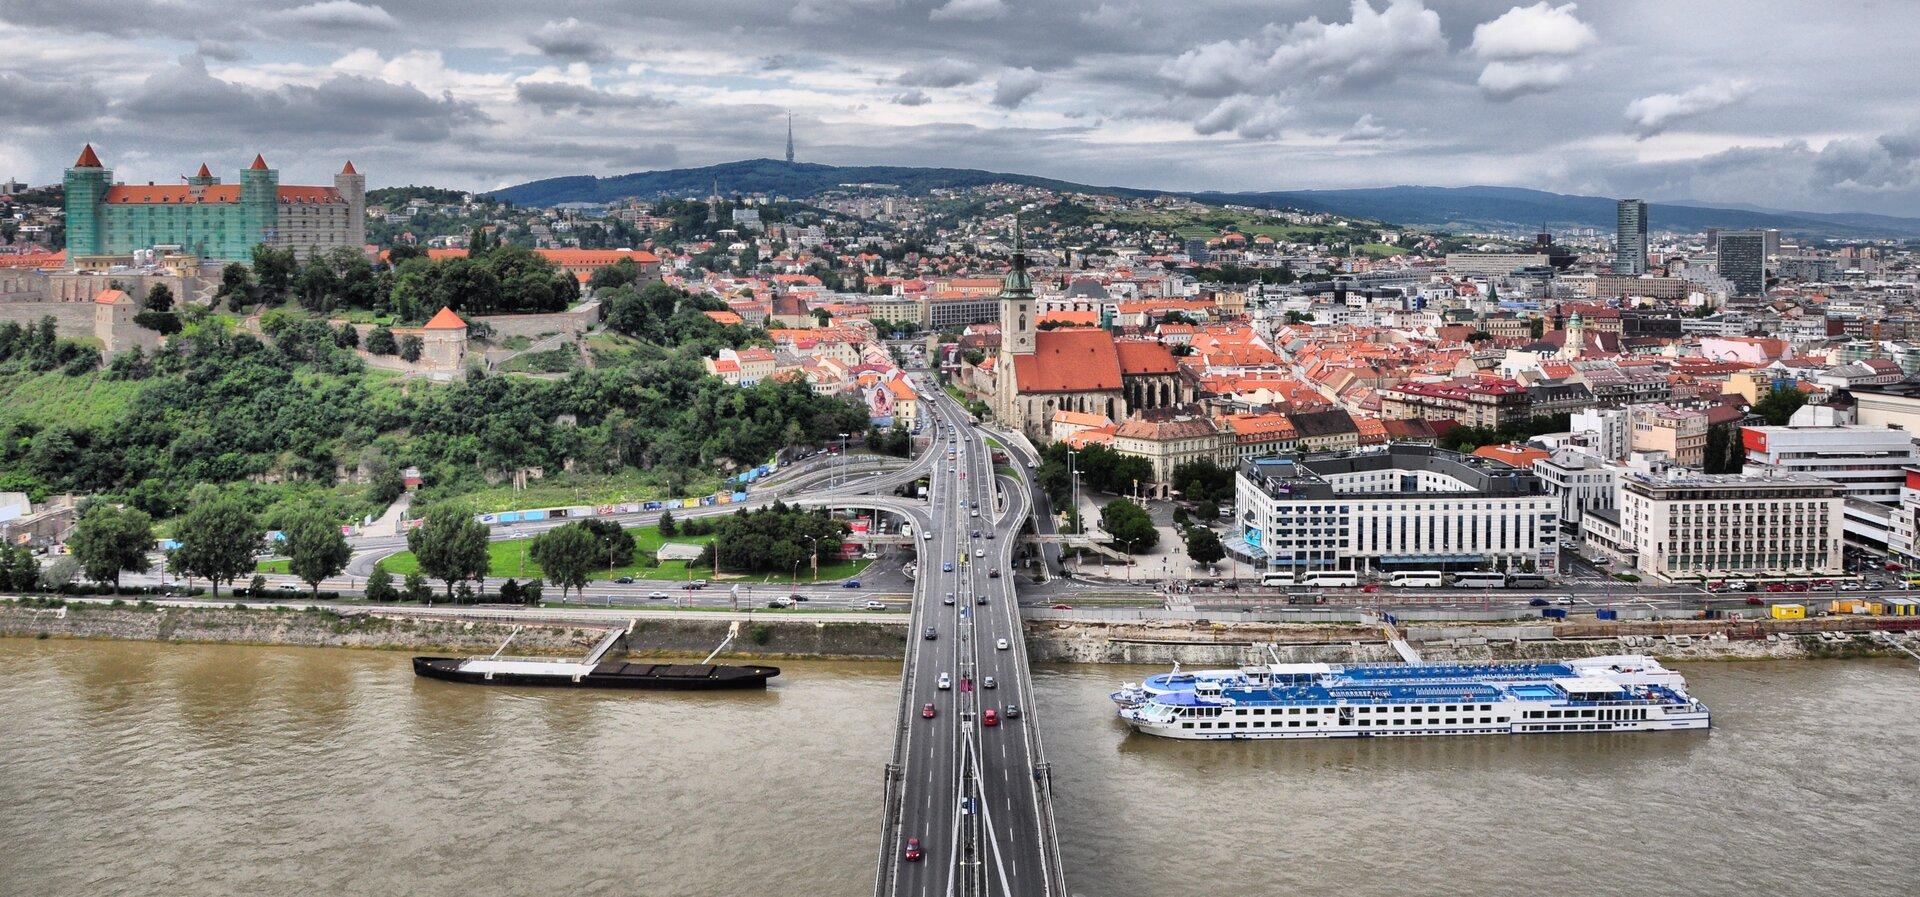 Widok zlotu ptaka na Stare Miasto wBratysławie. Na pierwszym planie most, rzeka, statek wycieczkowy.